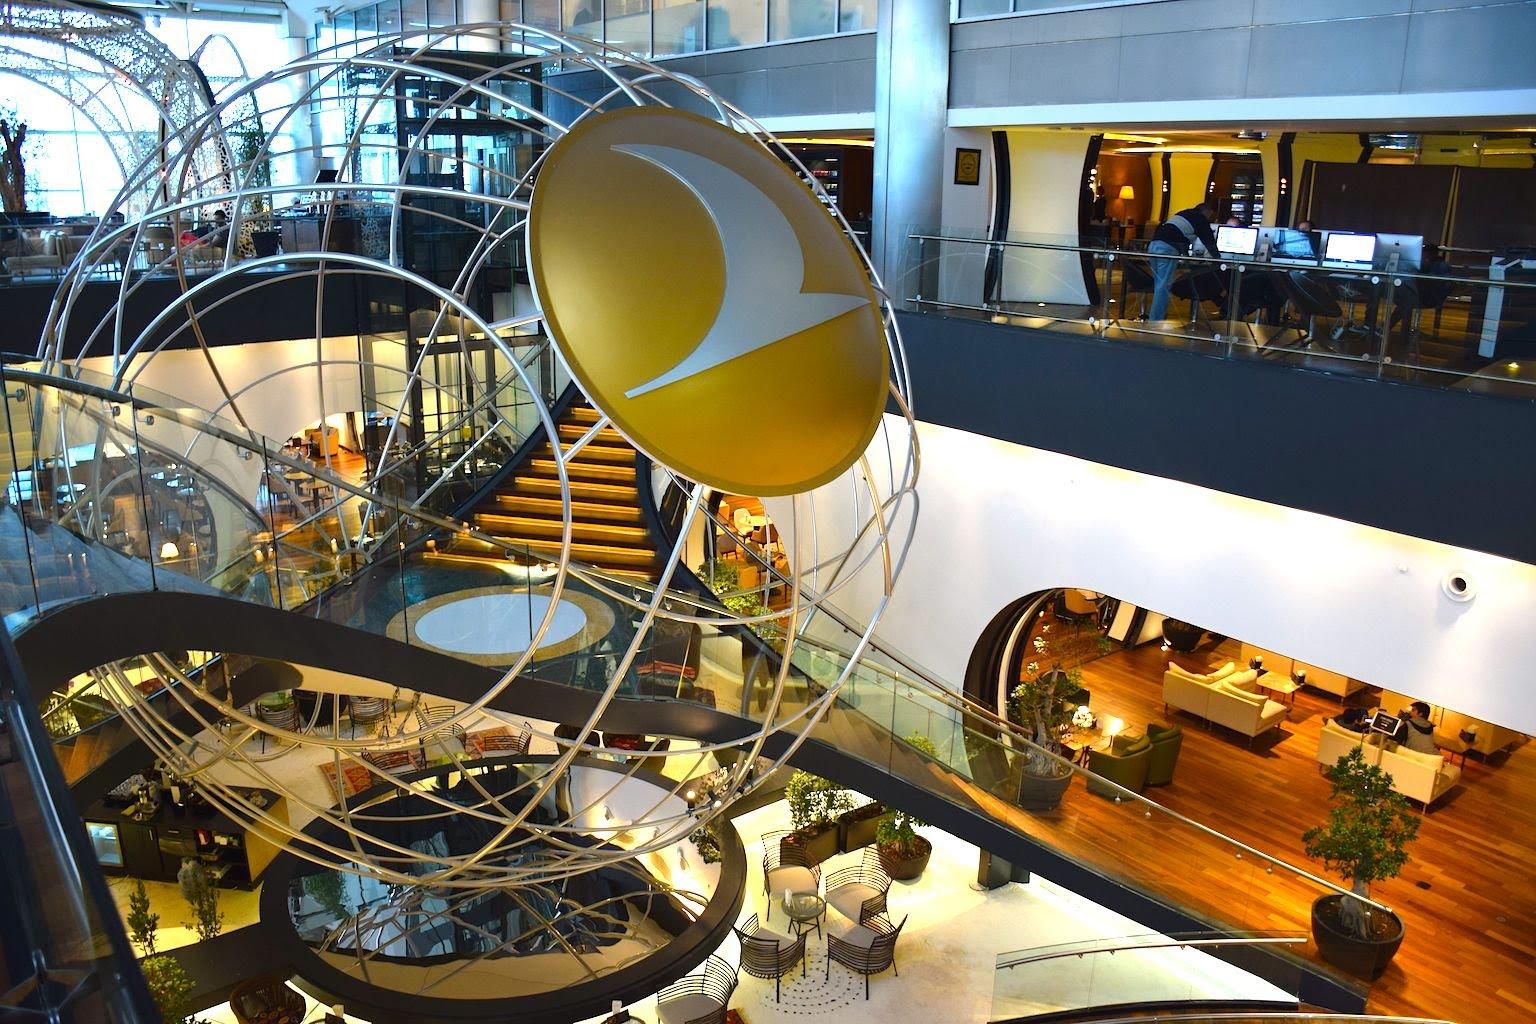 Istambul Lounge Panor Mica El Aeropuerto De Doha